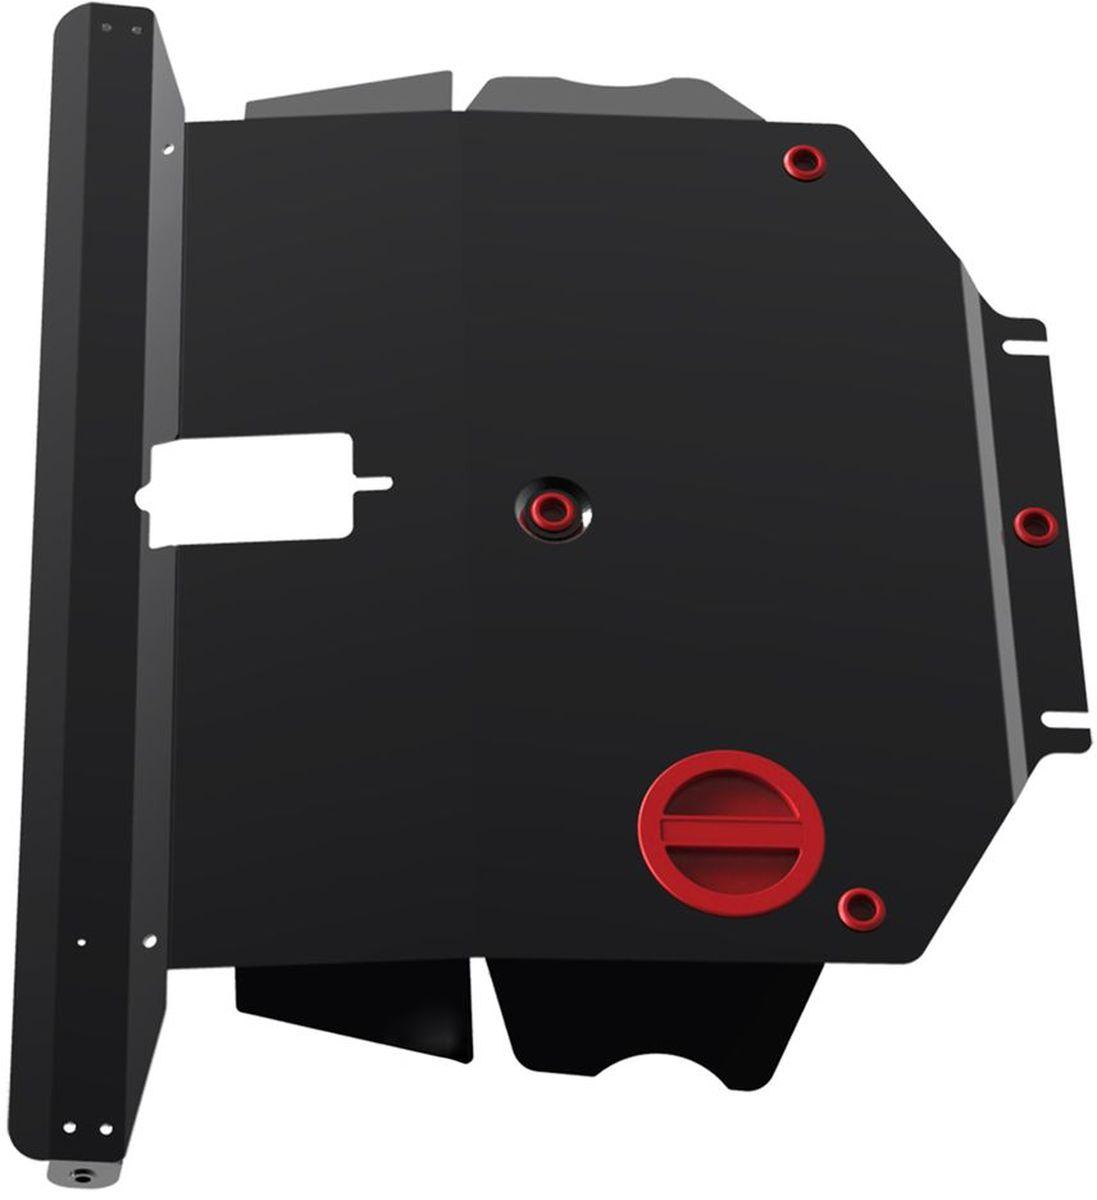 Защита картера и КПП Автоброня, для BYD F3, V-1,6 (2005-)/Toyota Corolla, V-1,6 (2002-2006)2706 (ПО)Технологически совершенный продукт за невысокую стоимость.Защита разработана с учетом особенностей днища автомобиля, что позволяет сохранить дорожный просвет с минимальным изменением.Защита устанавливается в штатные места кузова автомобиля. Глубокий штамп обеспечивает до двух раз больше жесткости в сравнении с обычной защитой той же толщины. Проштампованные ребра жесткости препятствуют деформации защиты при ударах.Тепловой зазор и вентиляционные отверстия обеспечивают сохранение температурного режима двигателя в норме. Скрытый крепеж предотвращает срыв крепежных элементов при наезде на препятствие.Шумопоглощающие резиновые элементы обеспечивают комфортную езду без вибраций и скрежета металла, а съемные лючки для слива масла и замены фильтра - экономию средств и время.Конструкция изделия не влияет на пассивную безопасность автомобиля (при ударе защита не воздействует на деформационные зоны кузова). Со штатным крепежом. В комплекте инструкция по установке.Толщина стали: 2 мм.